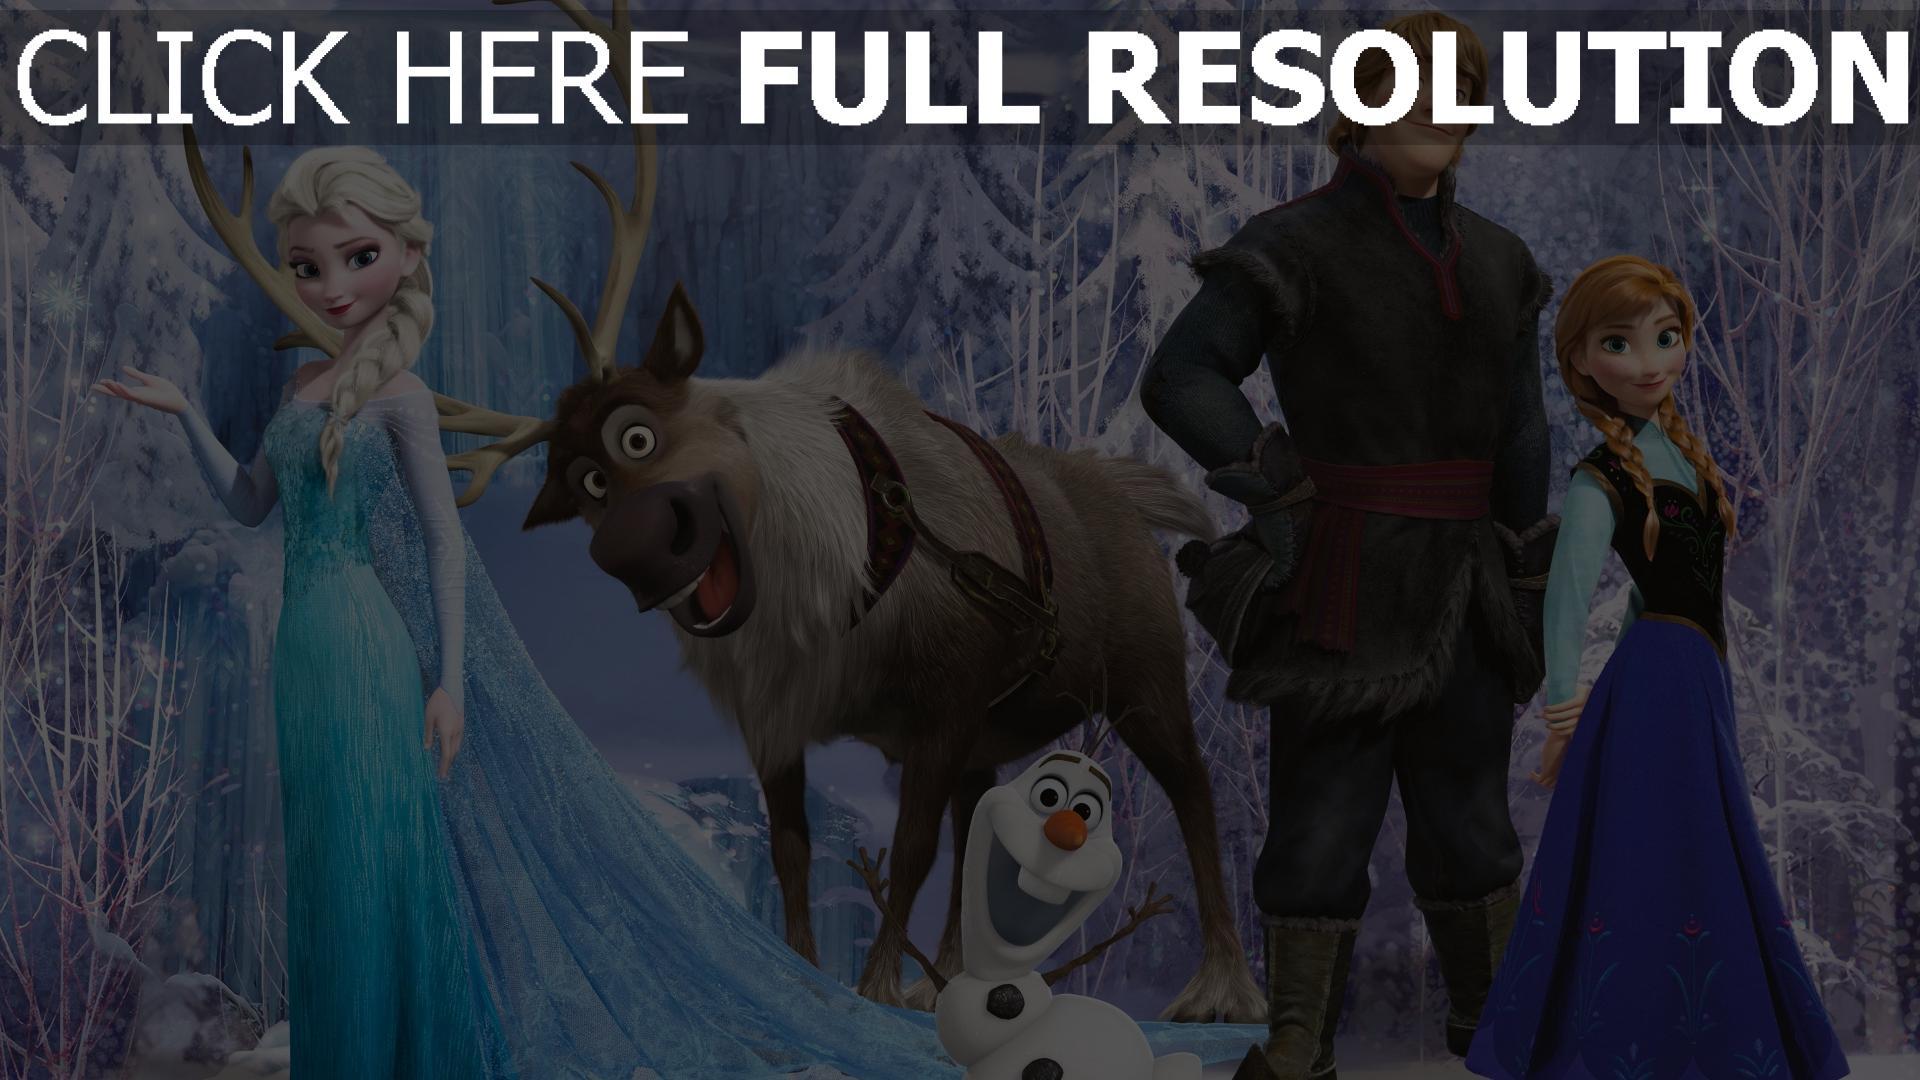 Fond d 39 cran hd la reine des neiges personnages principaux - Personnages reine des neiges ...